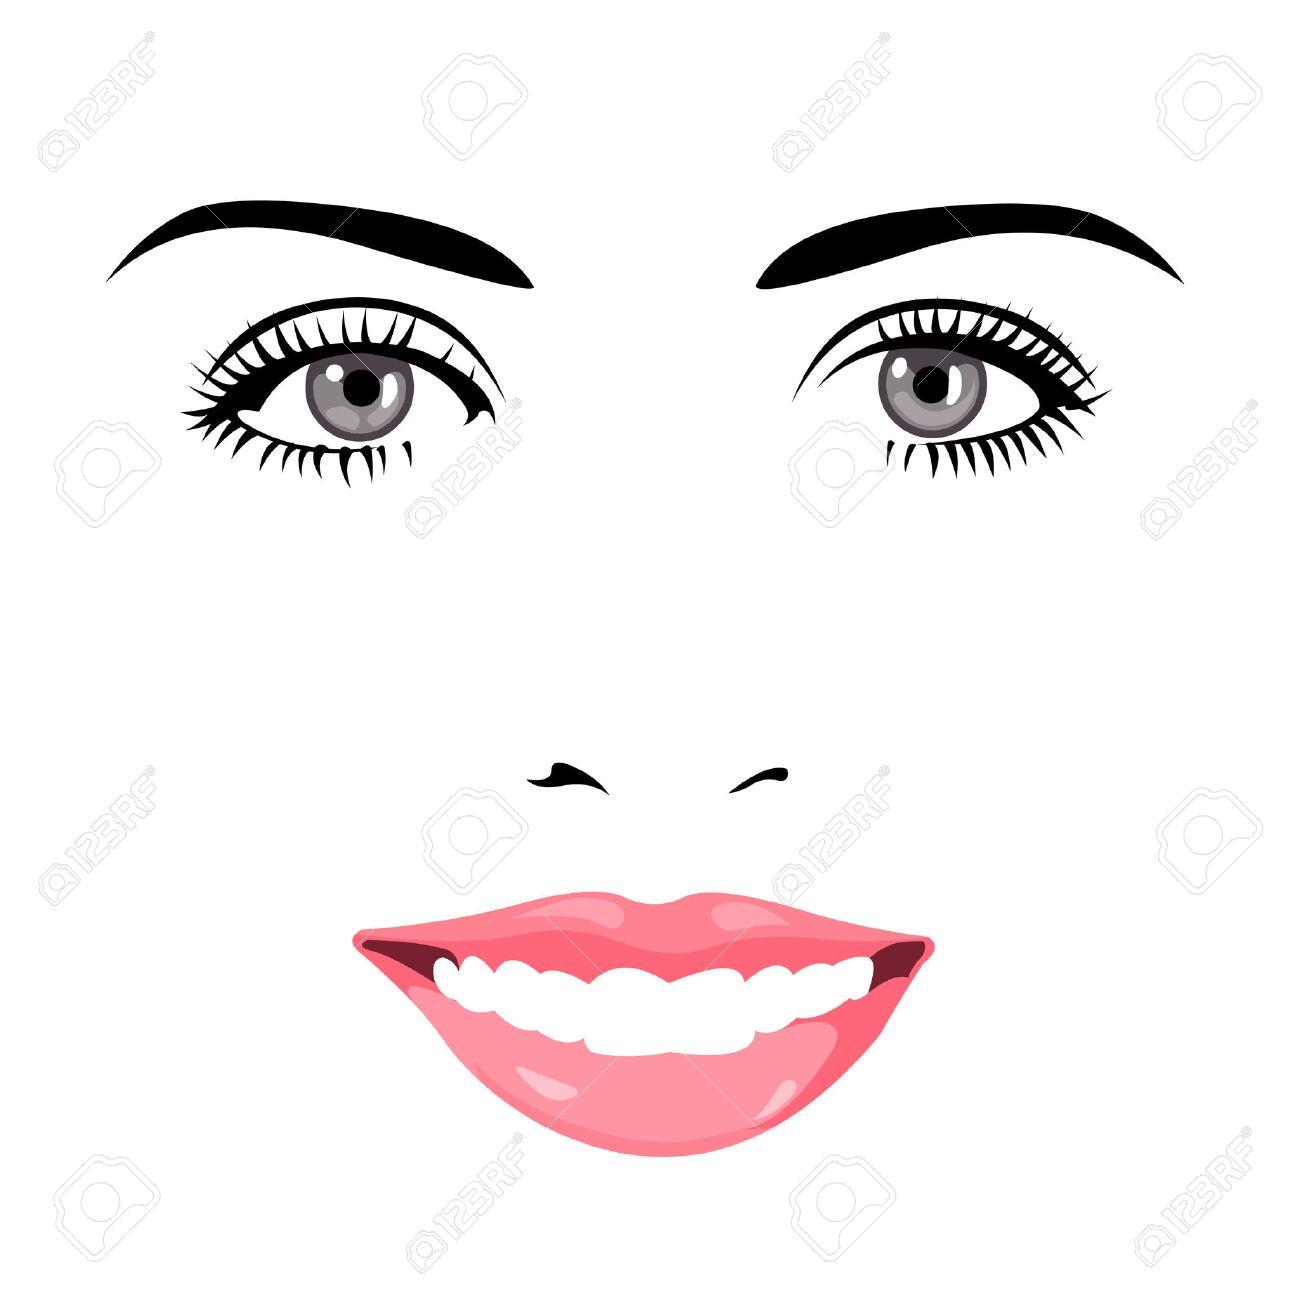 yeux dessin banque d u0027images vecteurs et illustrations libres de